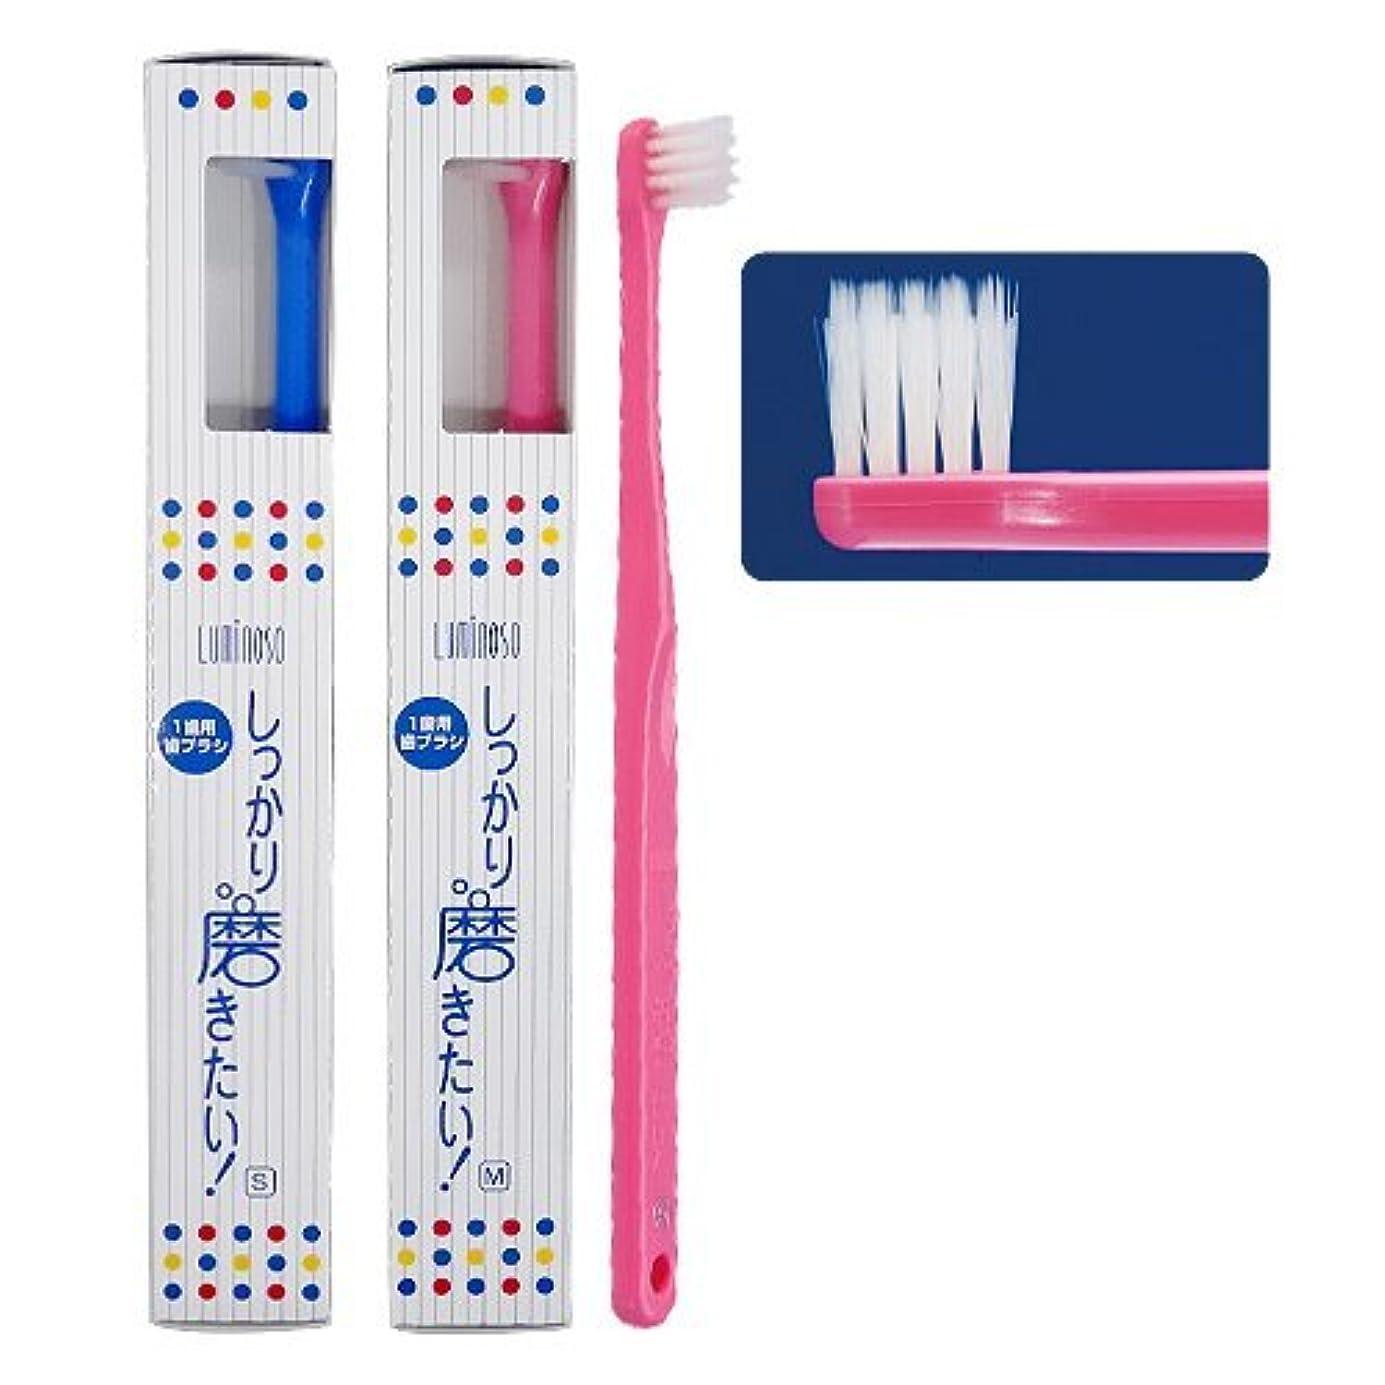 びんスライム住所ルミノソ 1歯用歯ブラシ「しっかり磨きたい!」スタンダード ミディアム (カラー指定不可) 3本